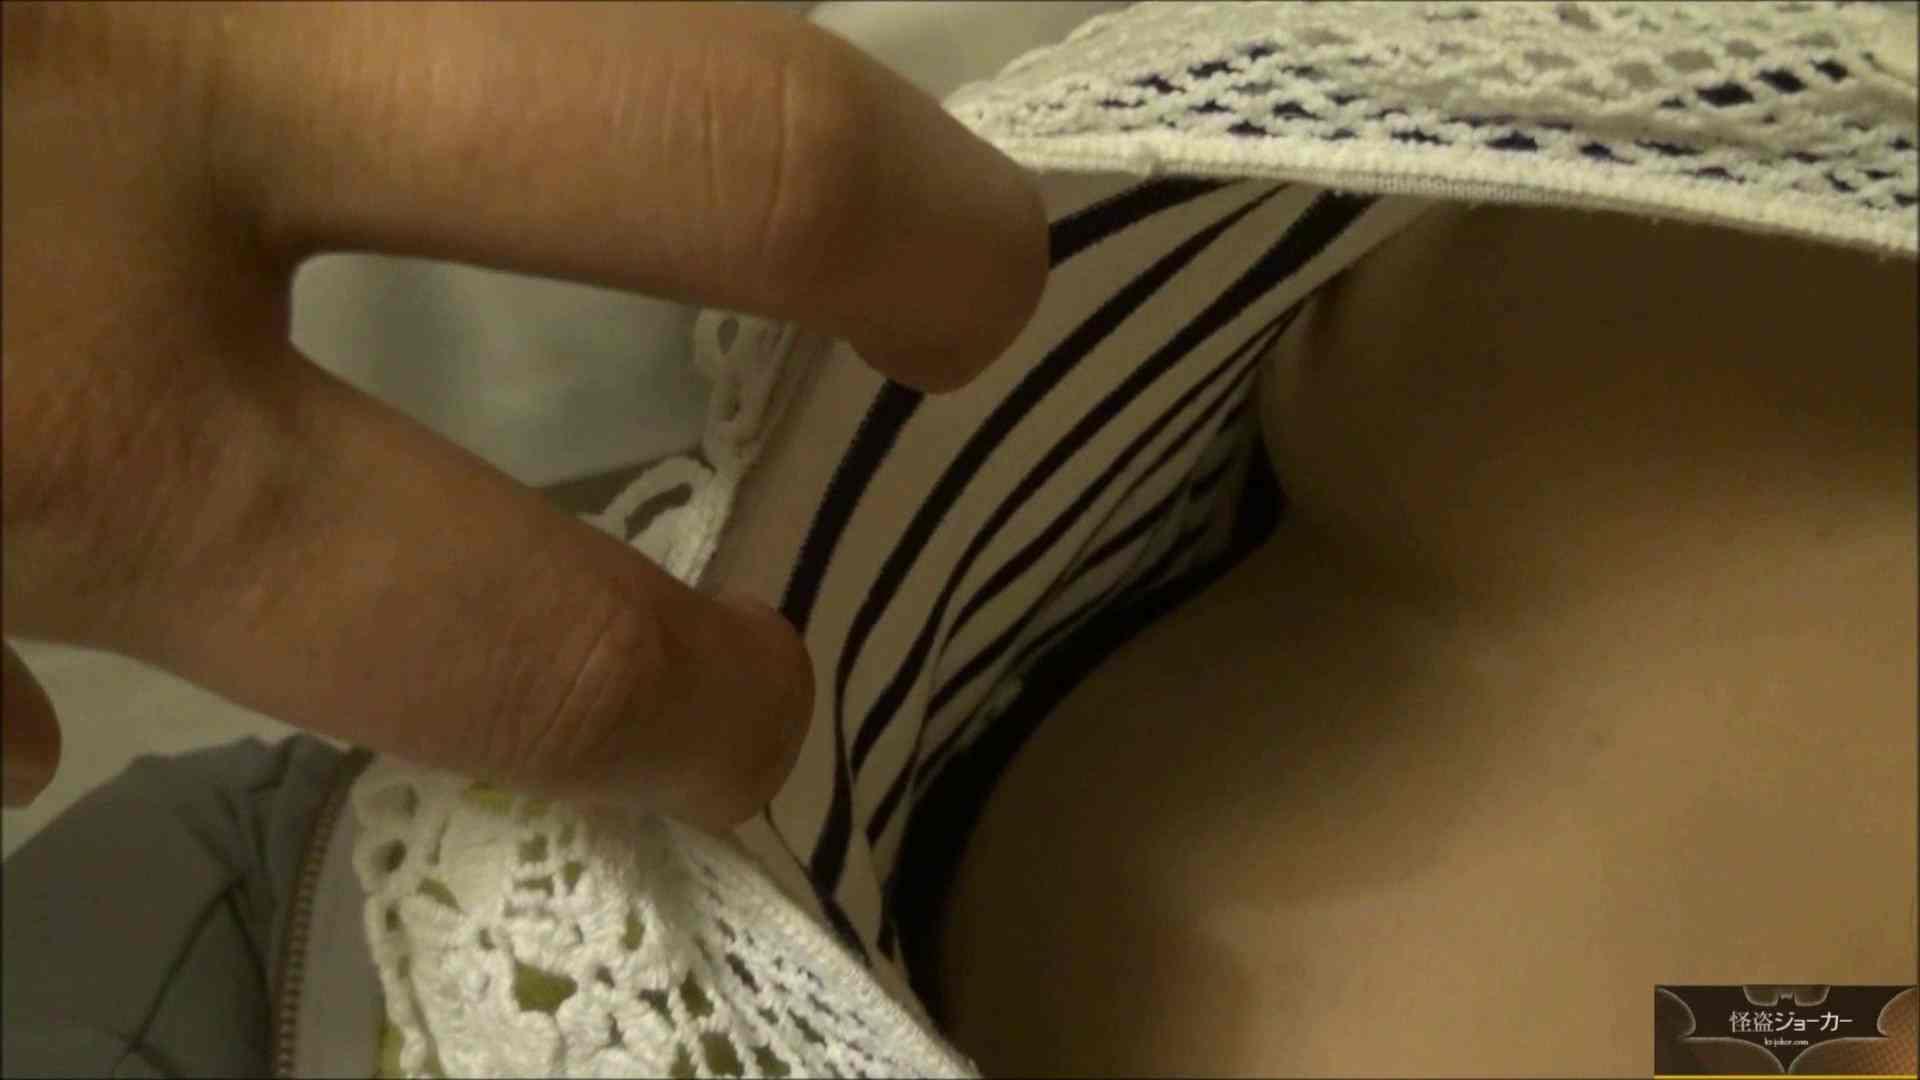 【未公開】vol.75 {関東某有名お嬢様JD}yuunaちゃん① ホテル  66Pix 25